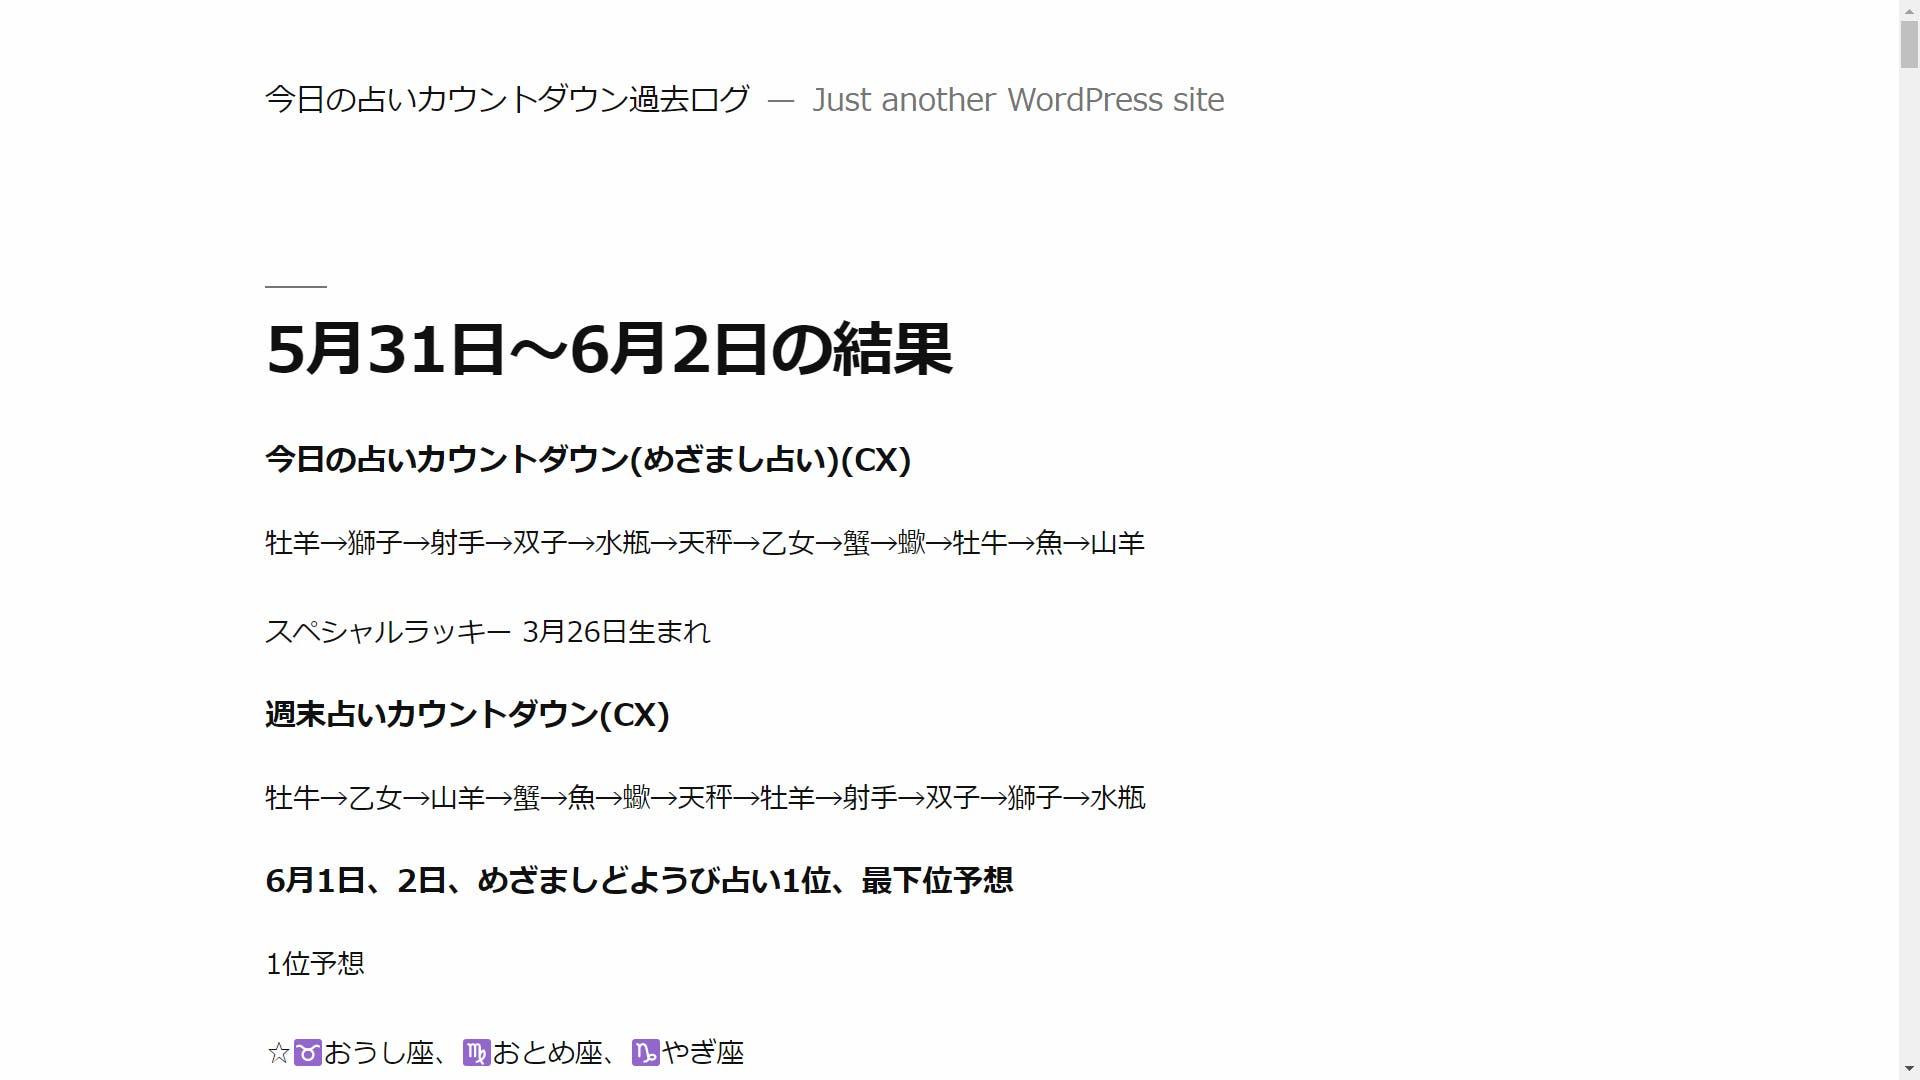 情報源サイト